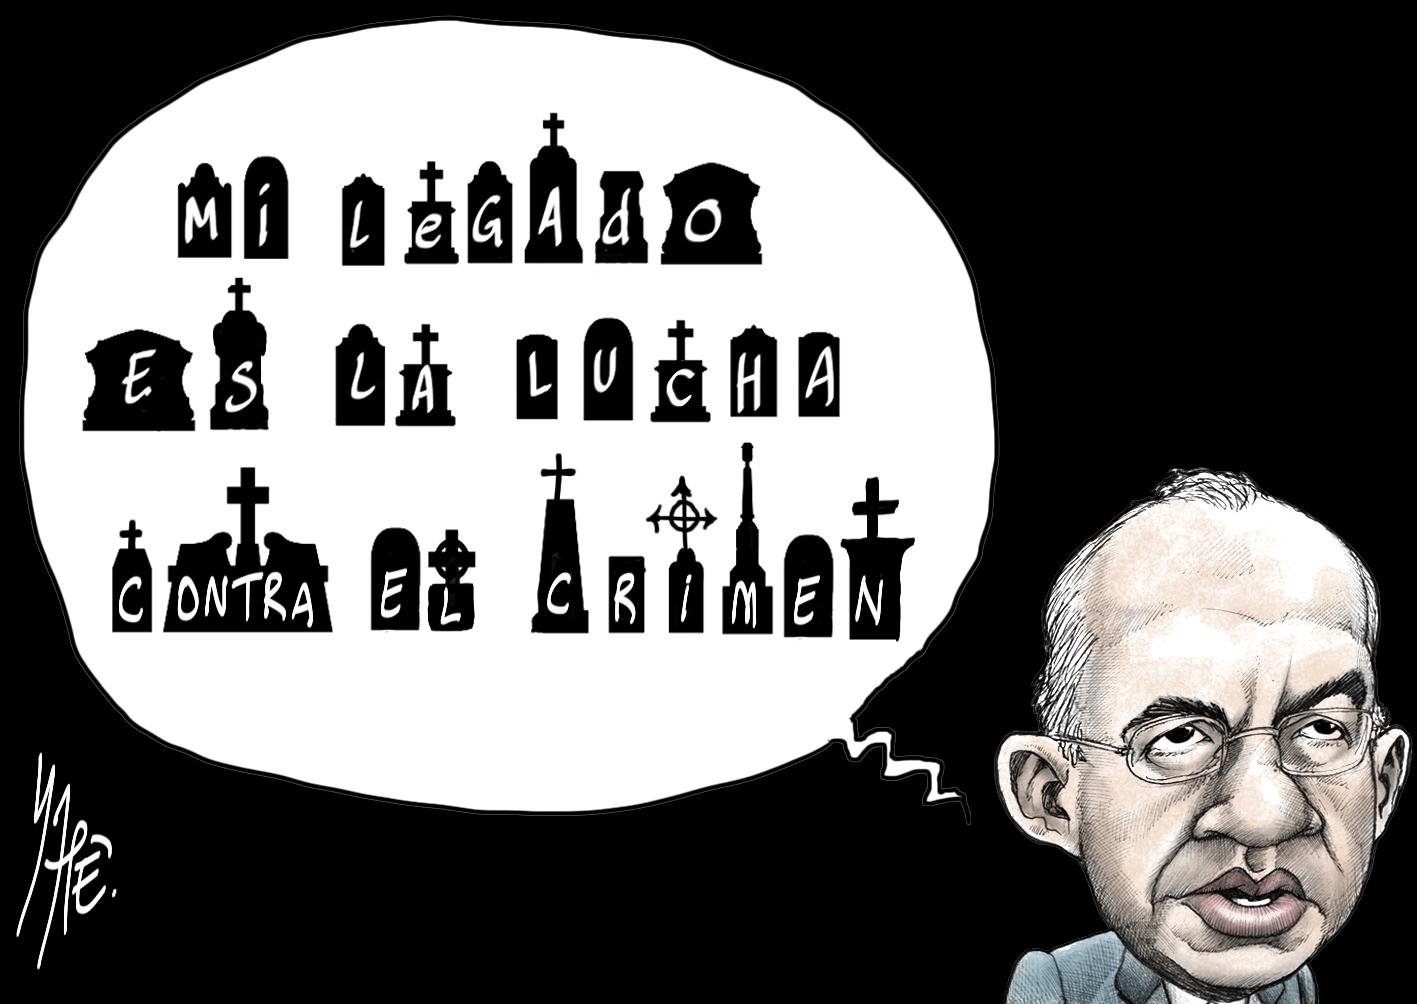 El legado de Calderón